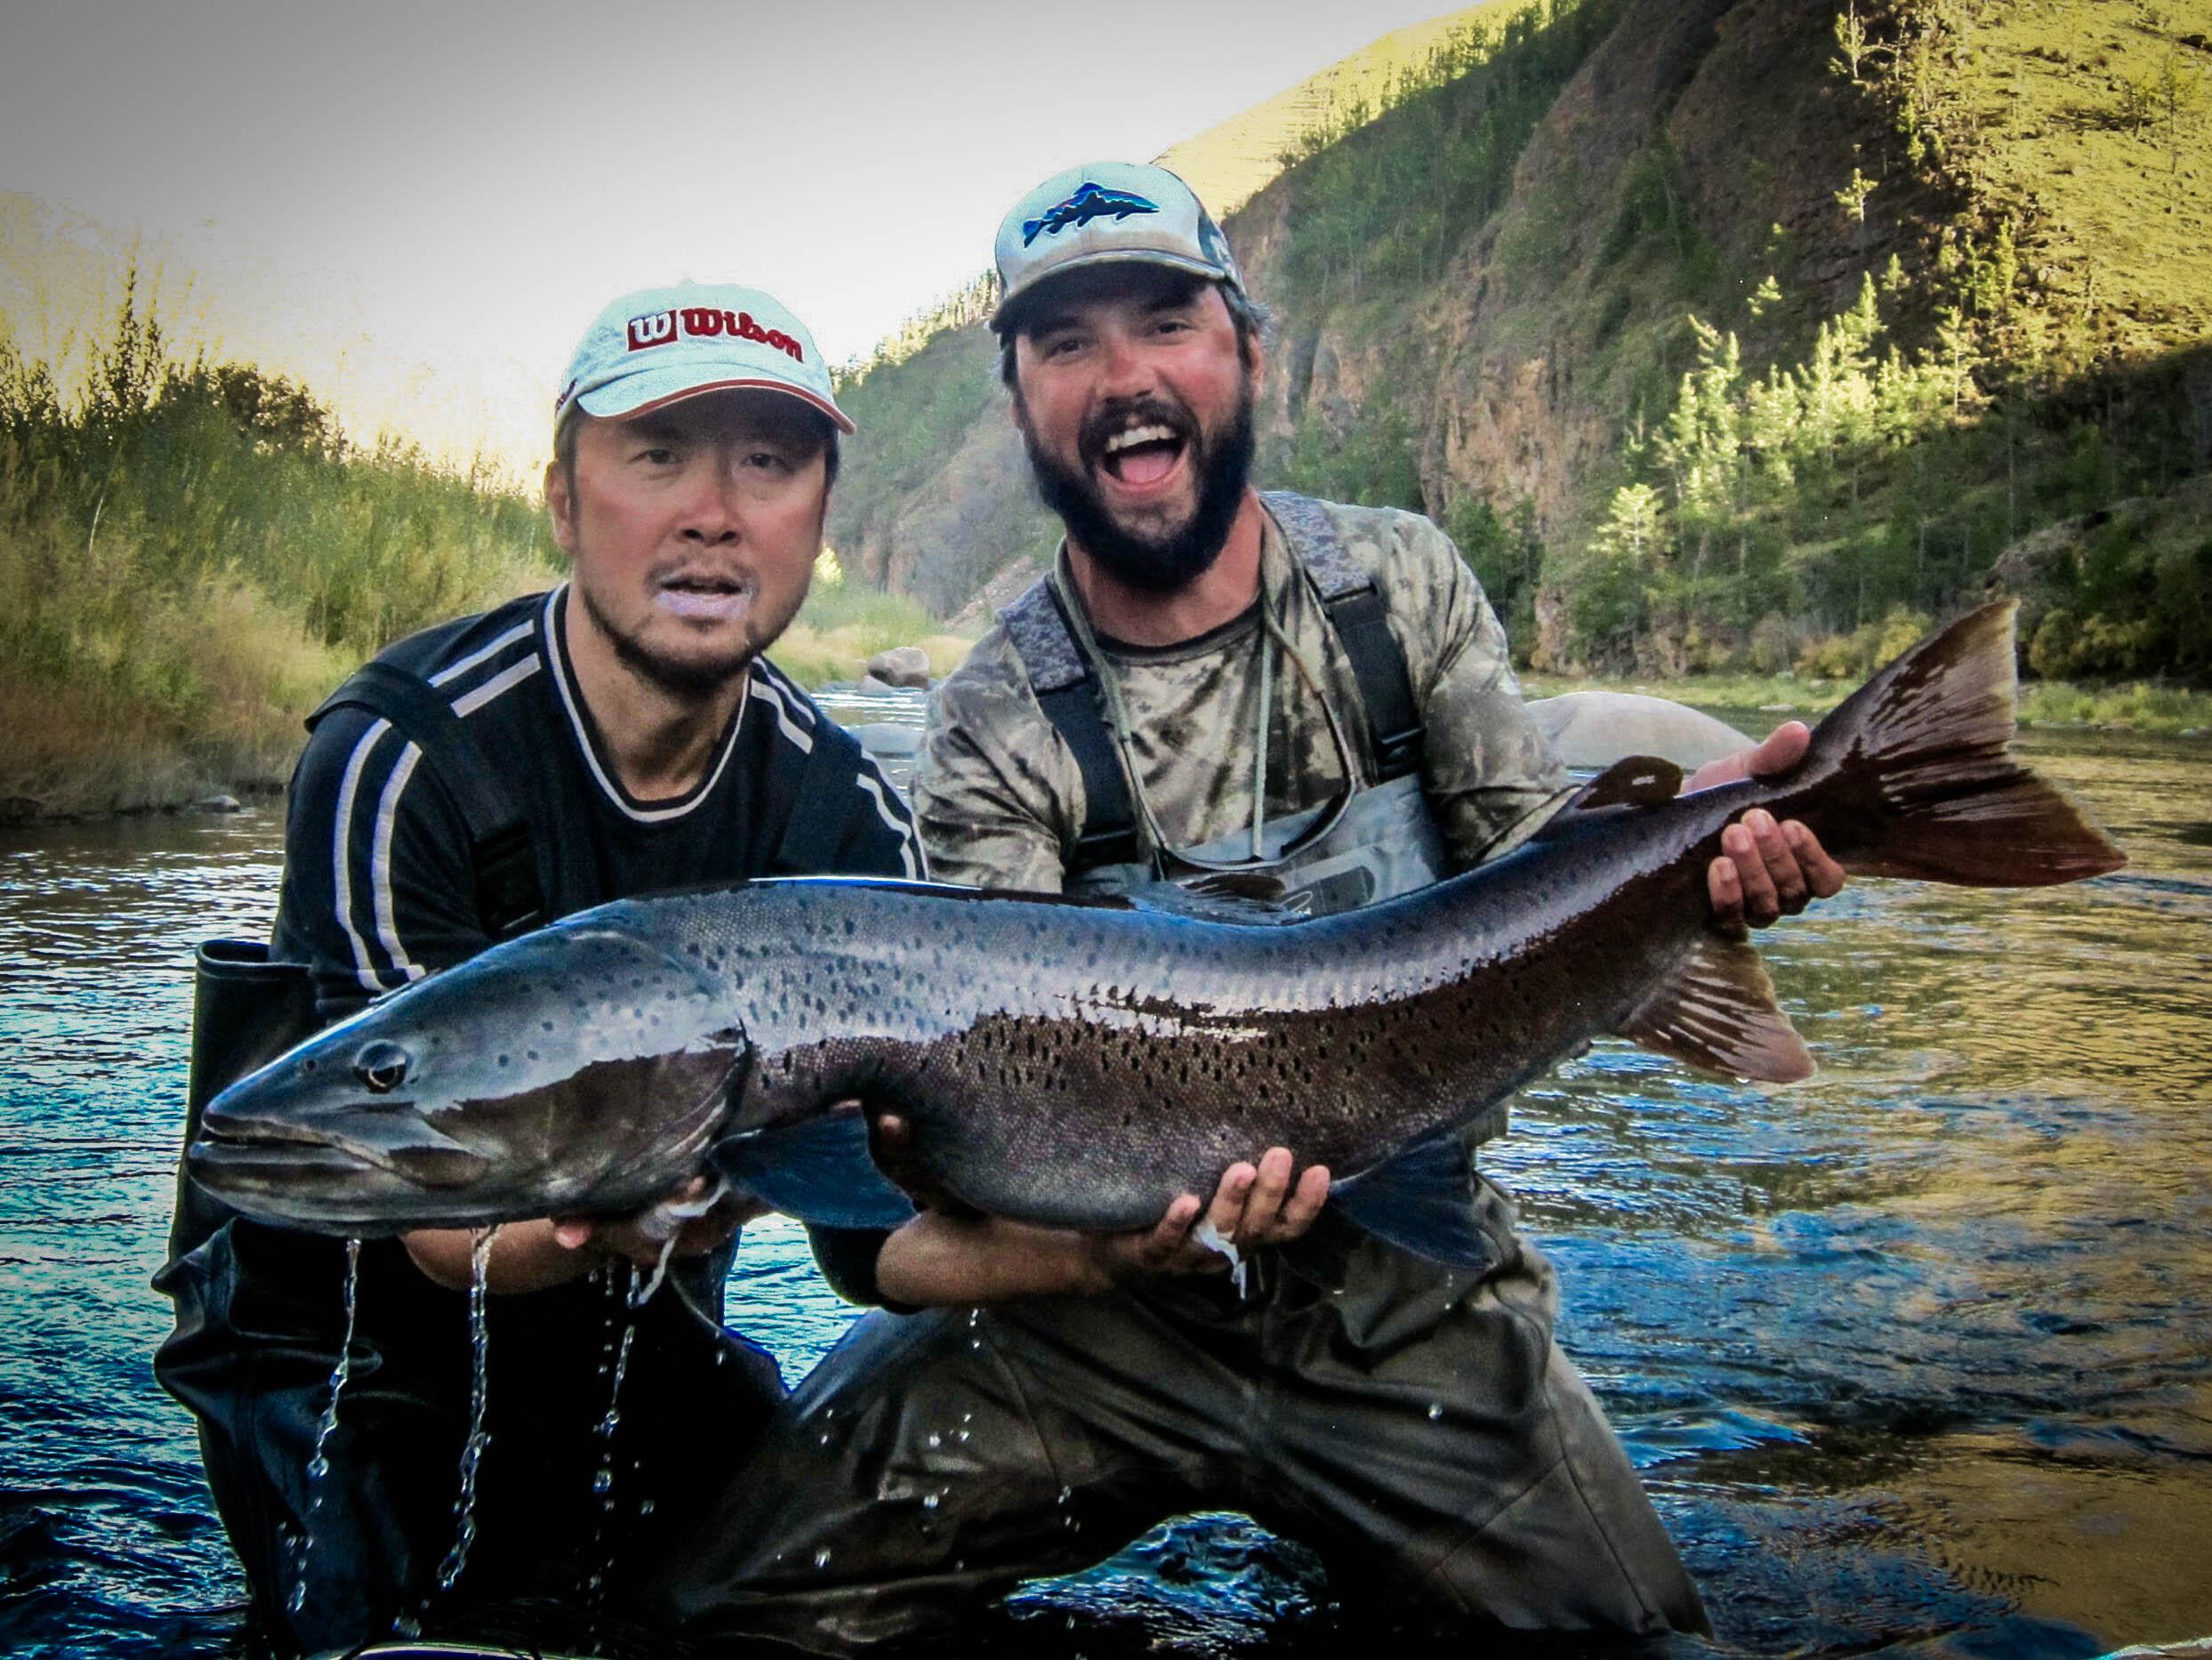 Big fish indeed!